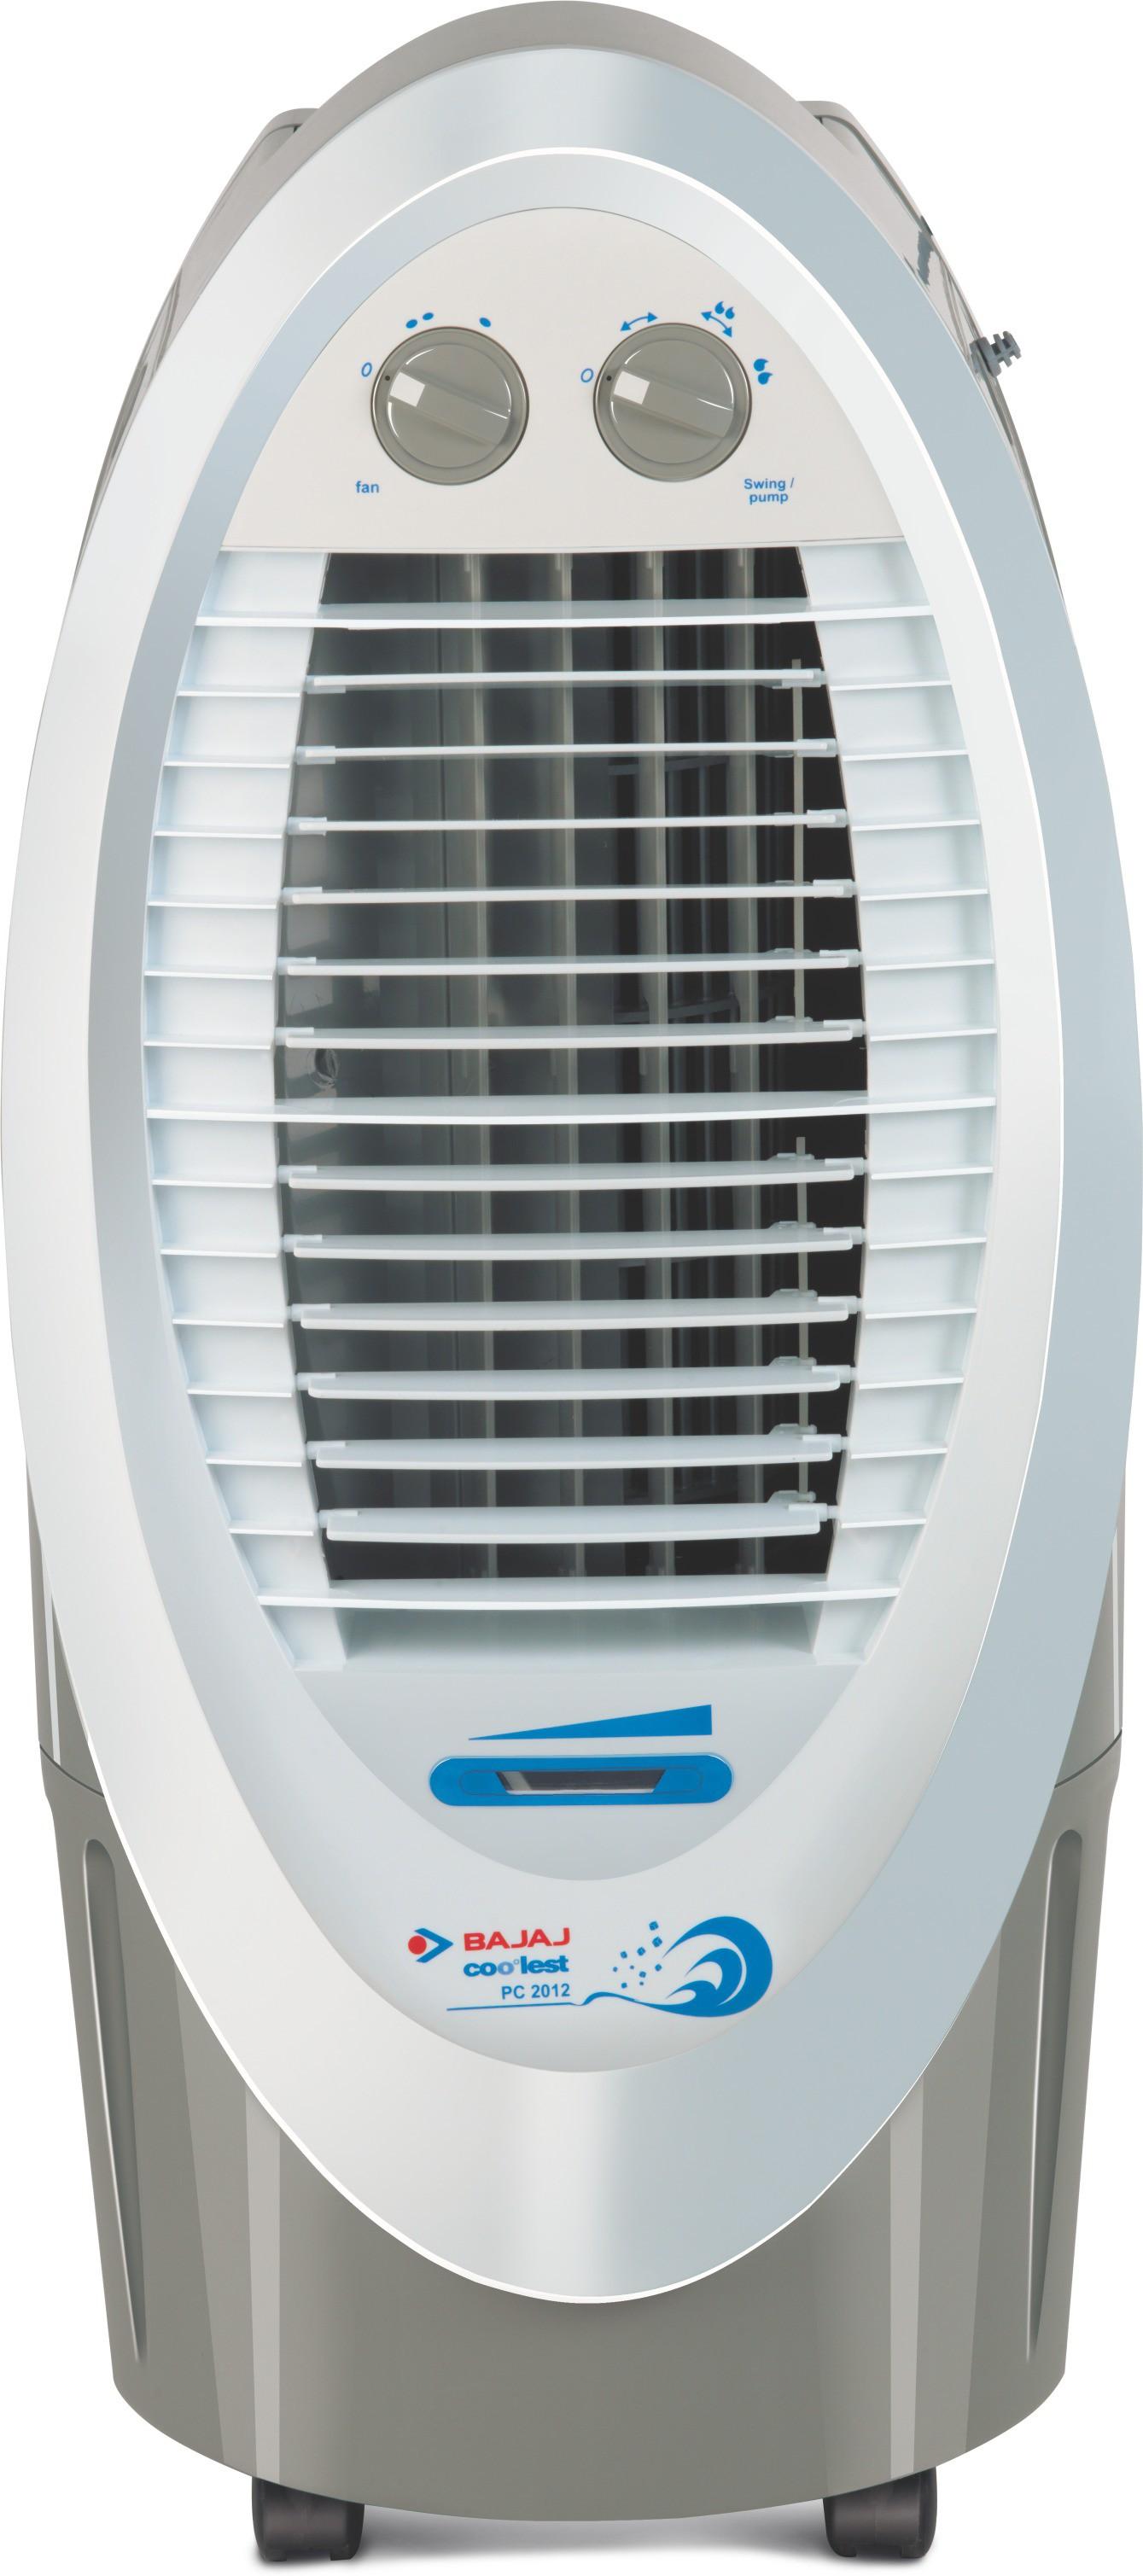 Bajaj PC 2012 Personal Air Cooler Image